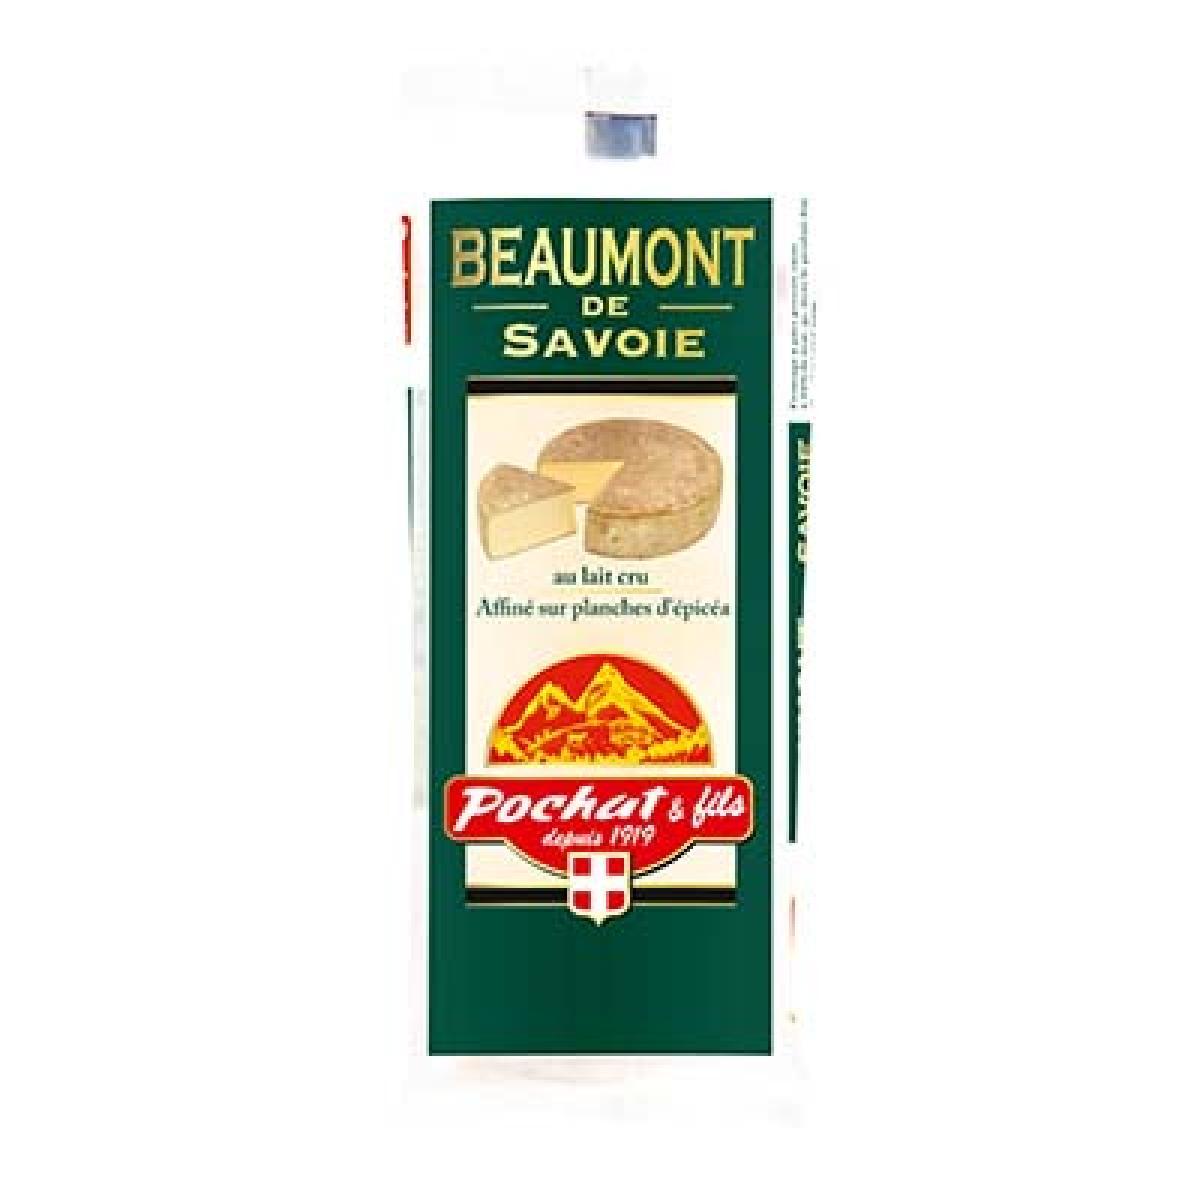 Beaumont de Savoie, Pochat & Fils (200 g)